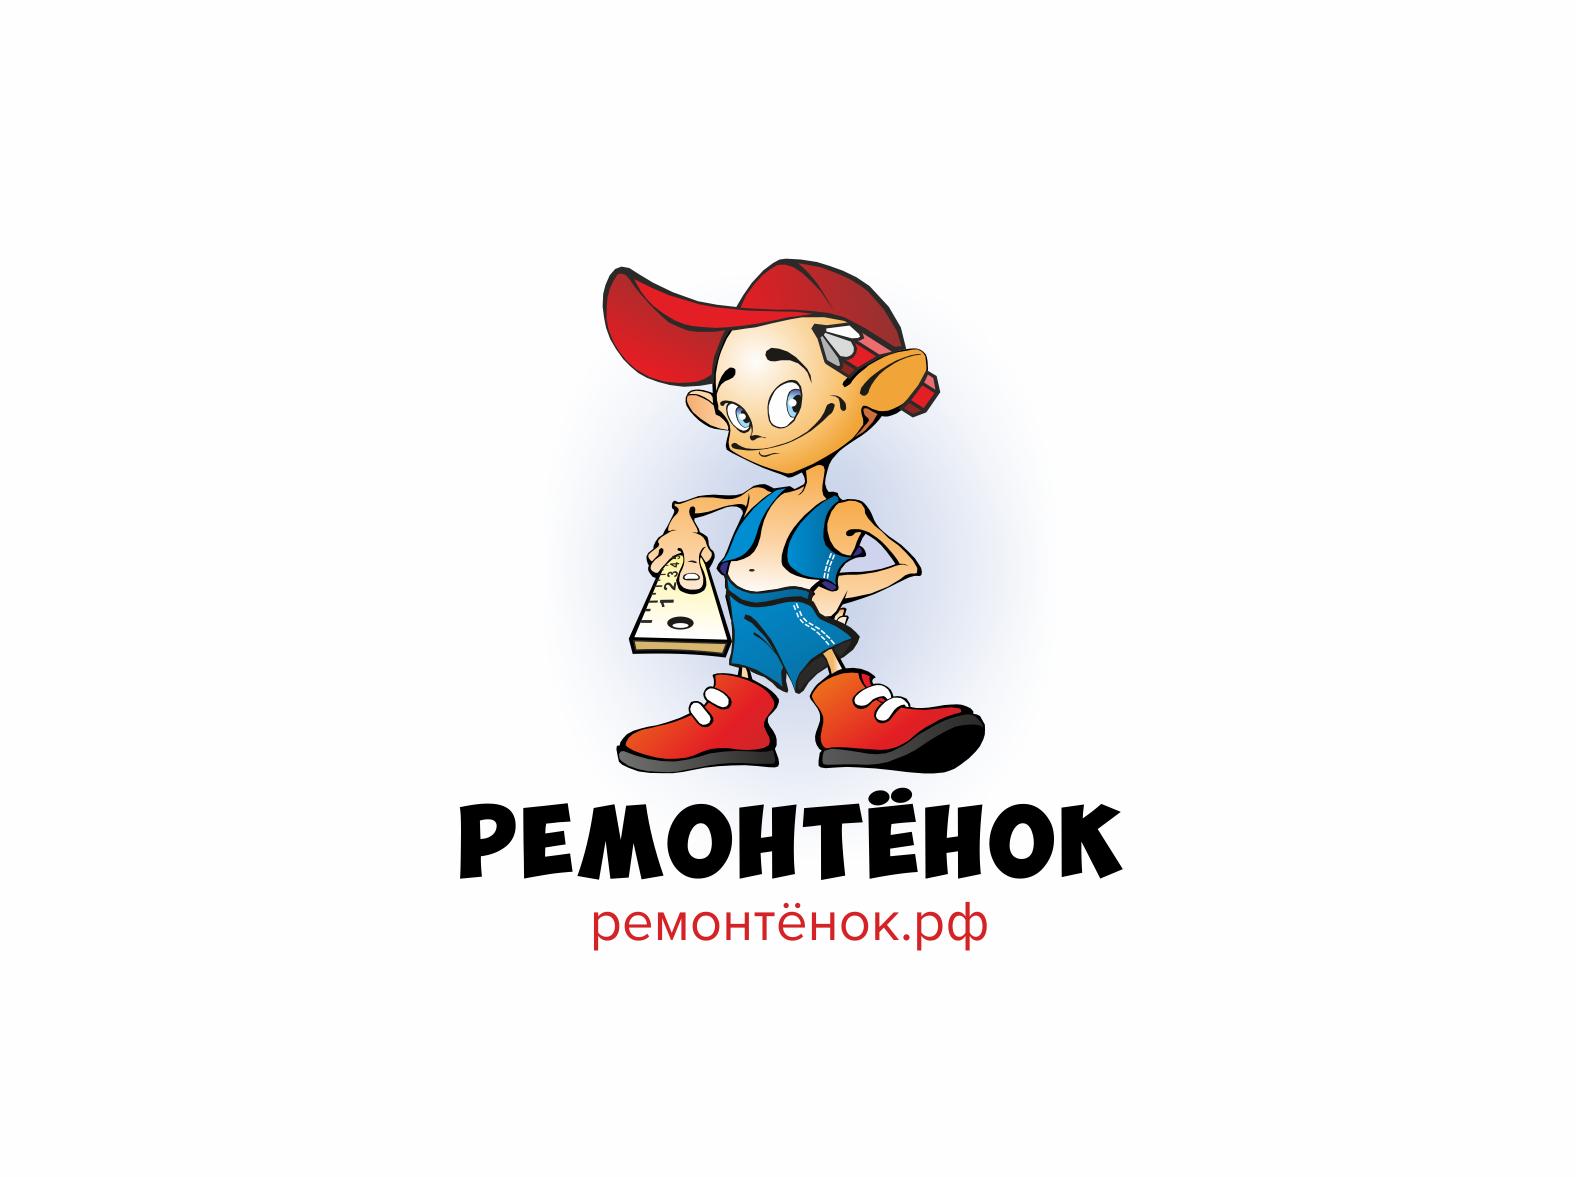 Ремонтёнок: логотип + брэндбук + фирменный стиль фото f_8375958bb54bf935.png